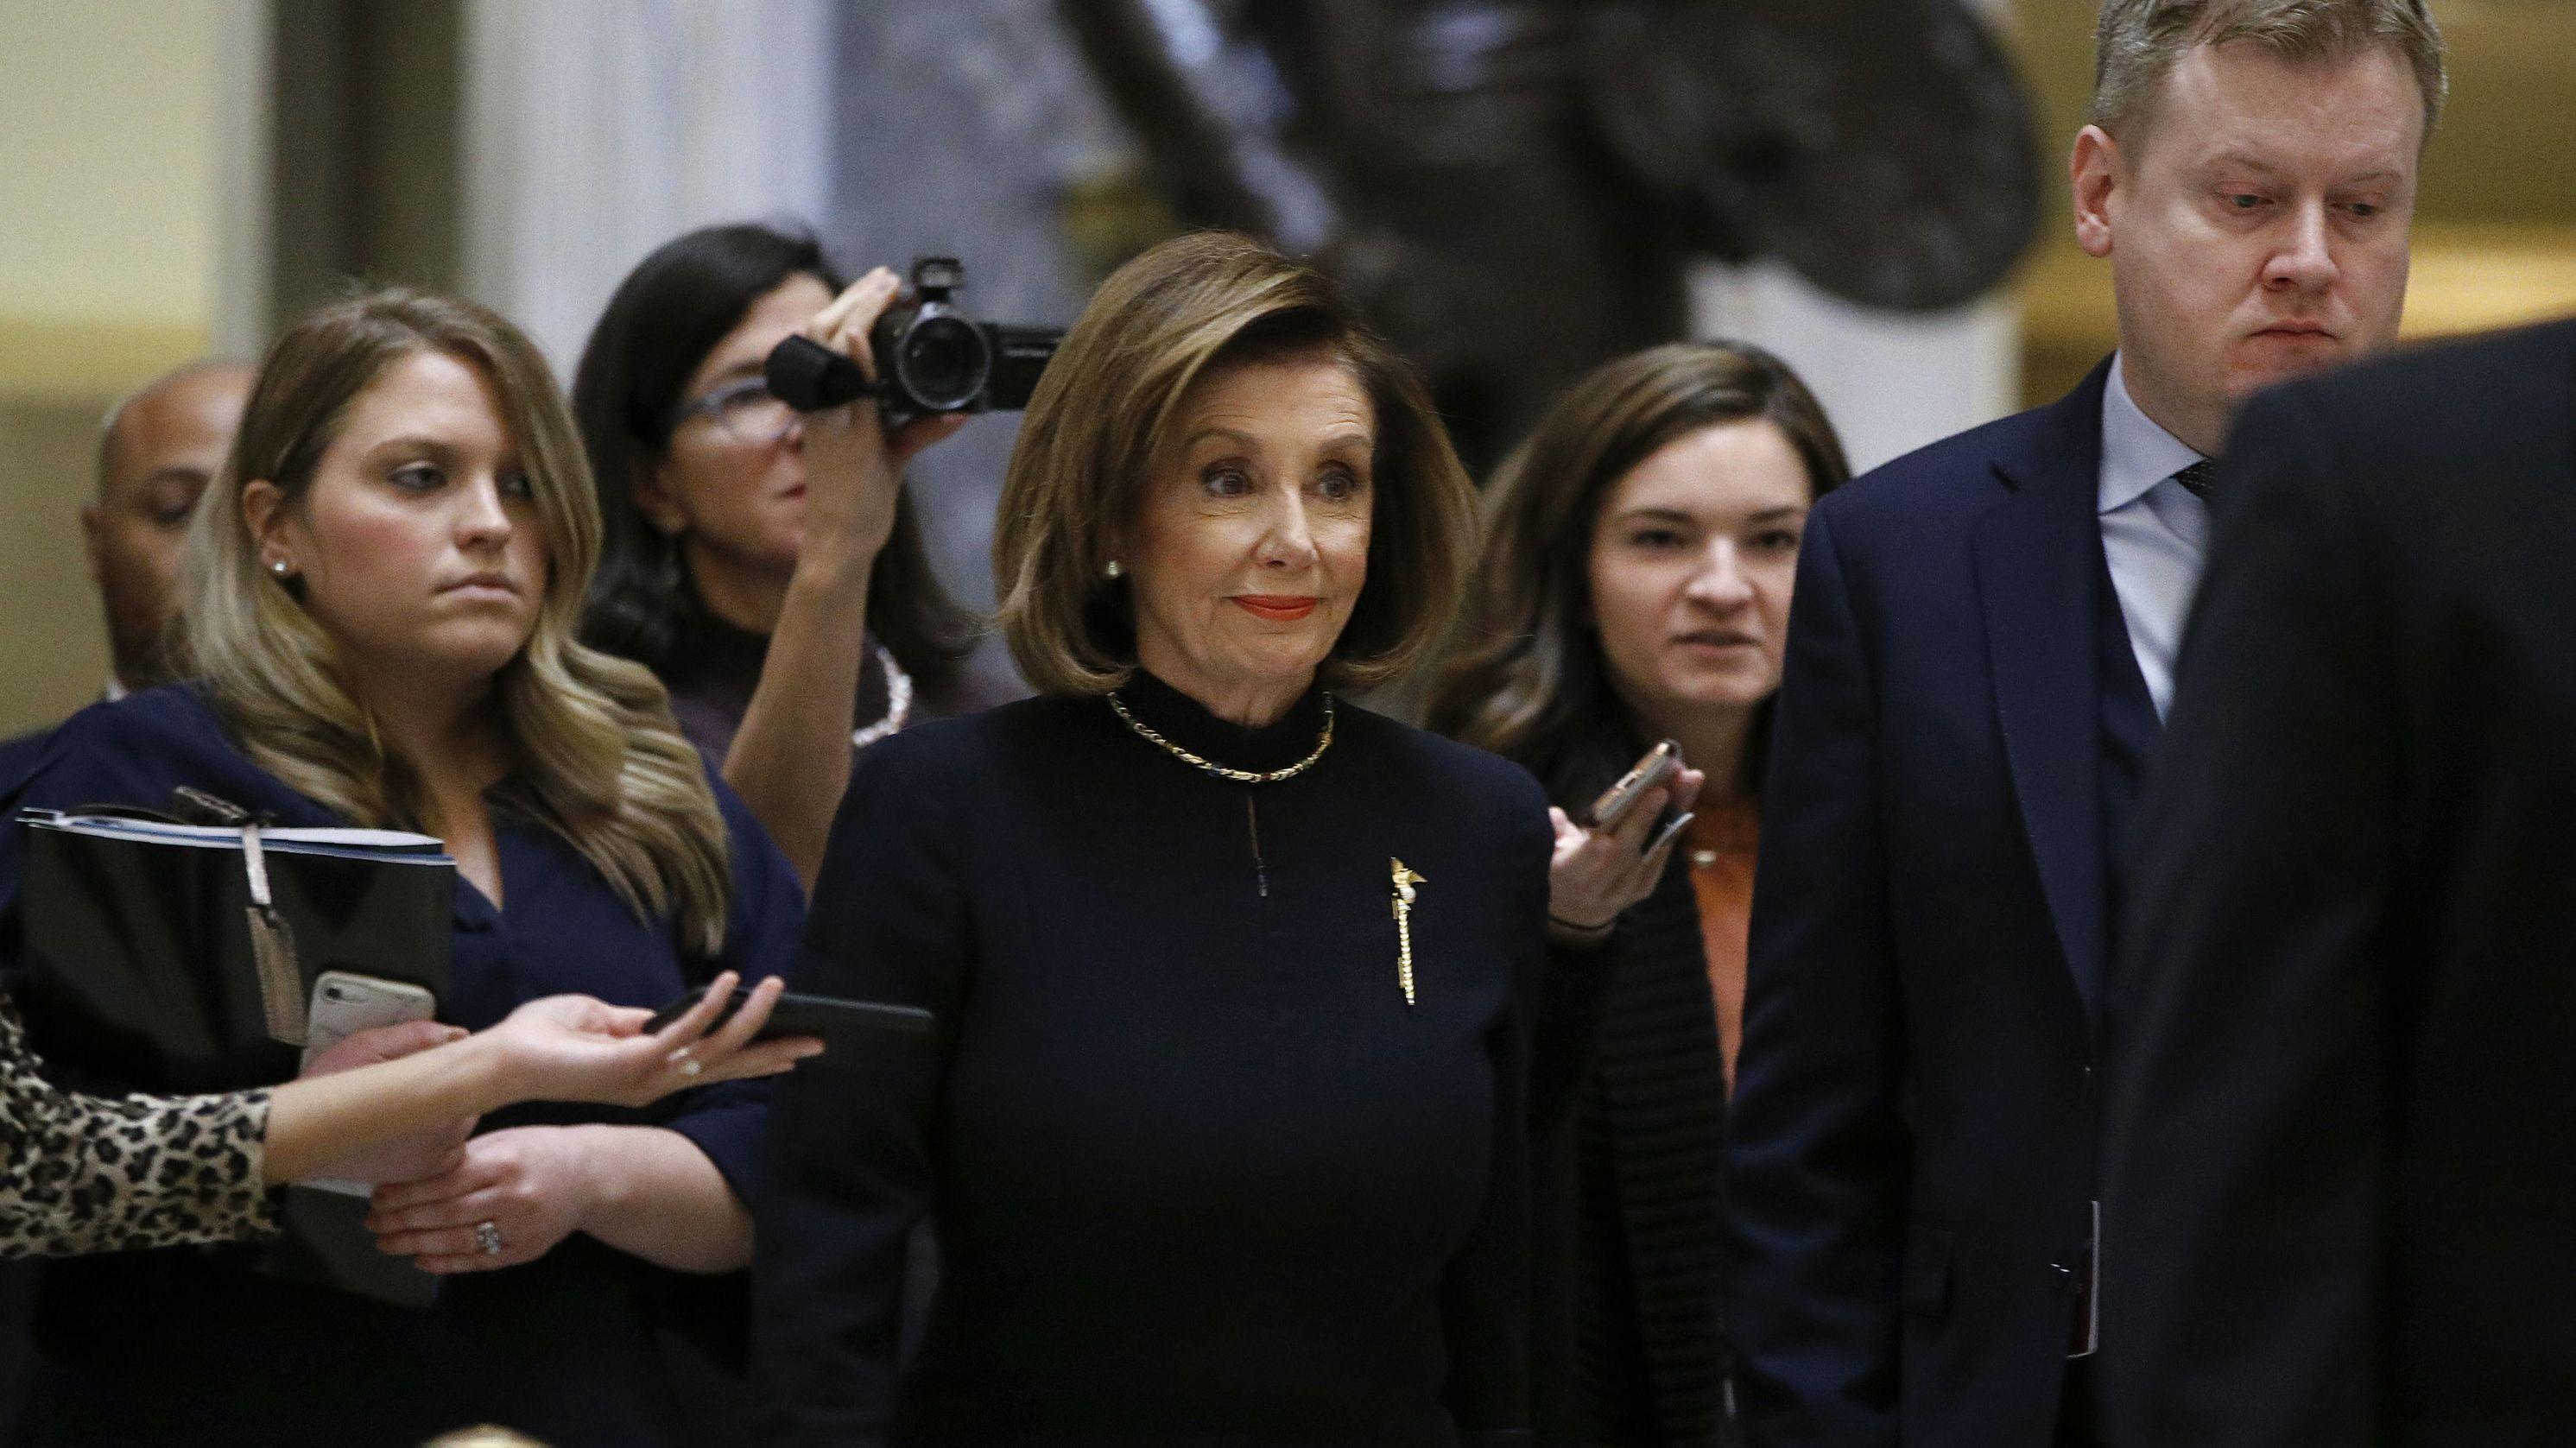 Nancy Pelosi, Sprecherin des US-Repräsentantenhauses, vor der Abstimmung über die Eröffnung eines Impeachment-Verfahrens gegen Trump.